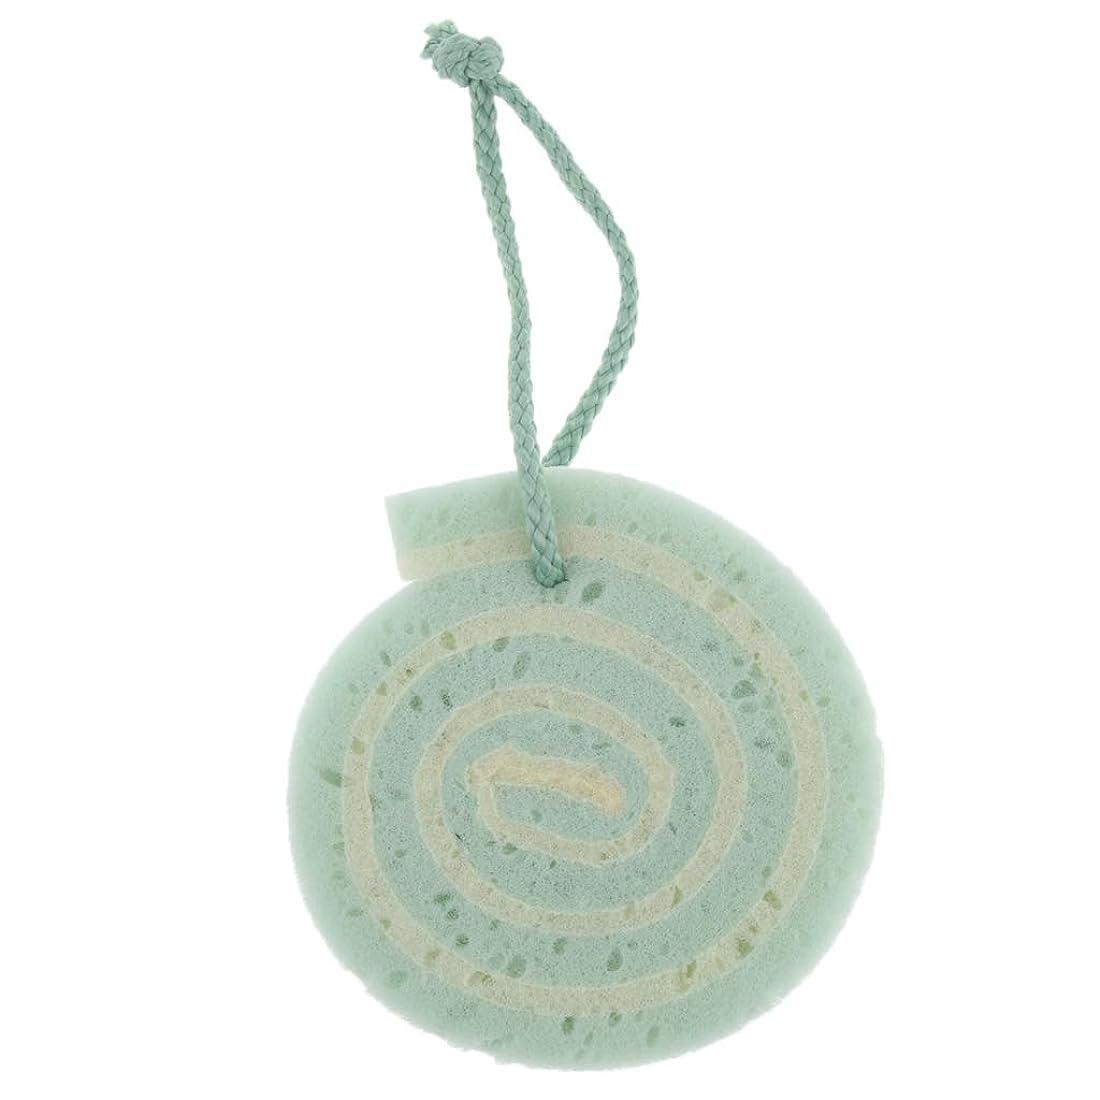 ドメイン熱心な鳴らすボディスポンジ バスグッズ 子供シャワー スクラブスポンジ 3色選べ - 緑